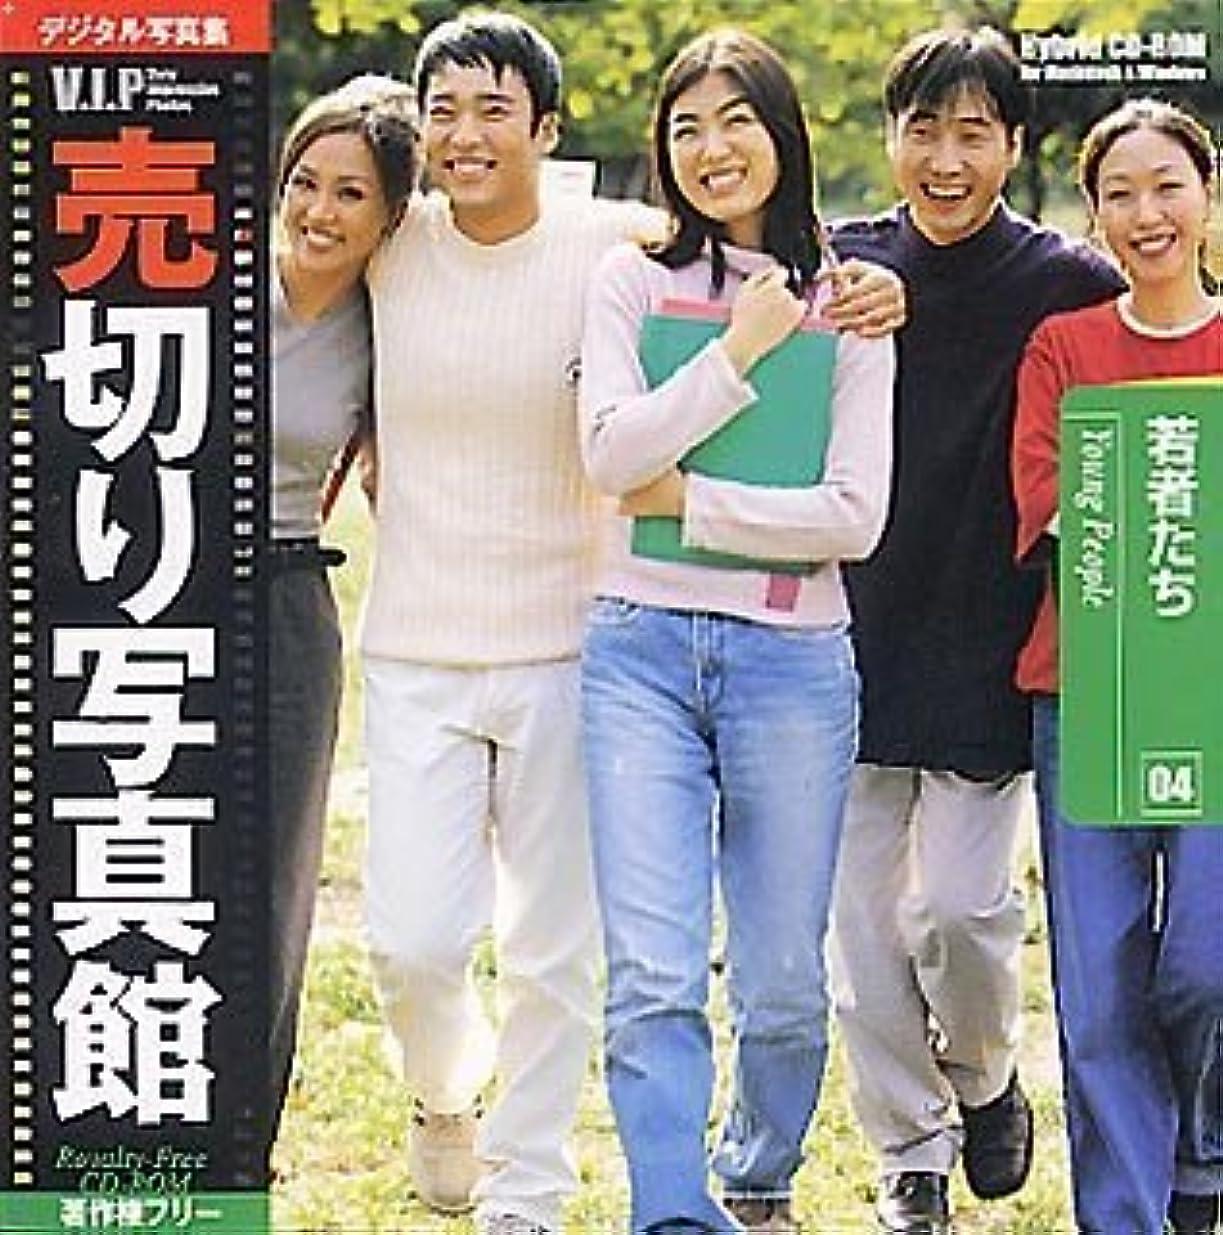 考慮バイパス航空便売切り写真館 VIPシリーズ Vol.4 若者たち